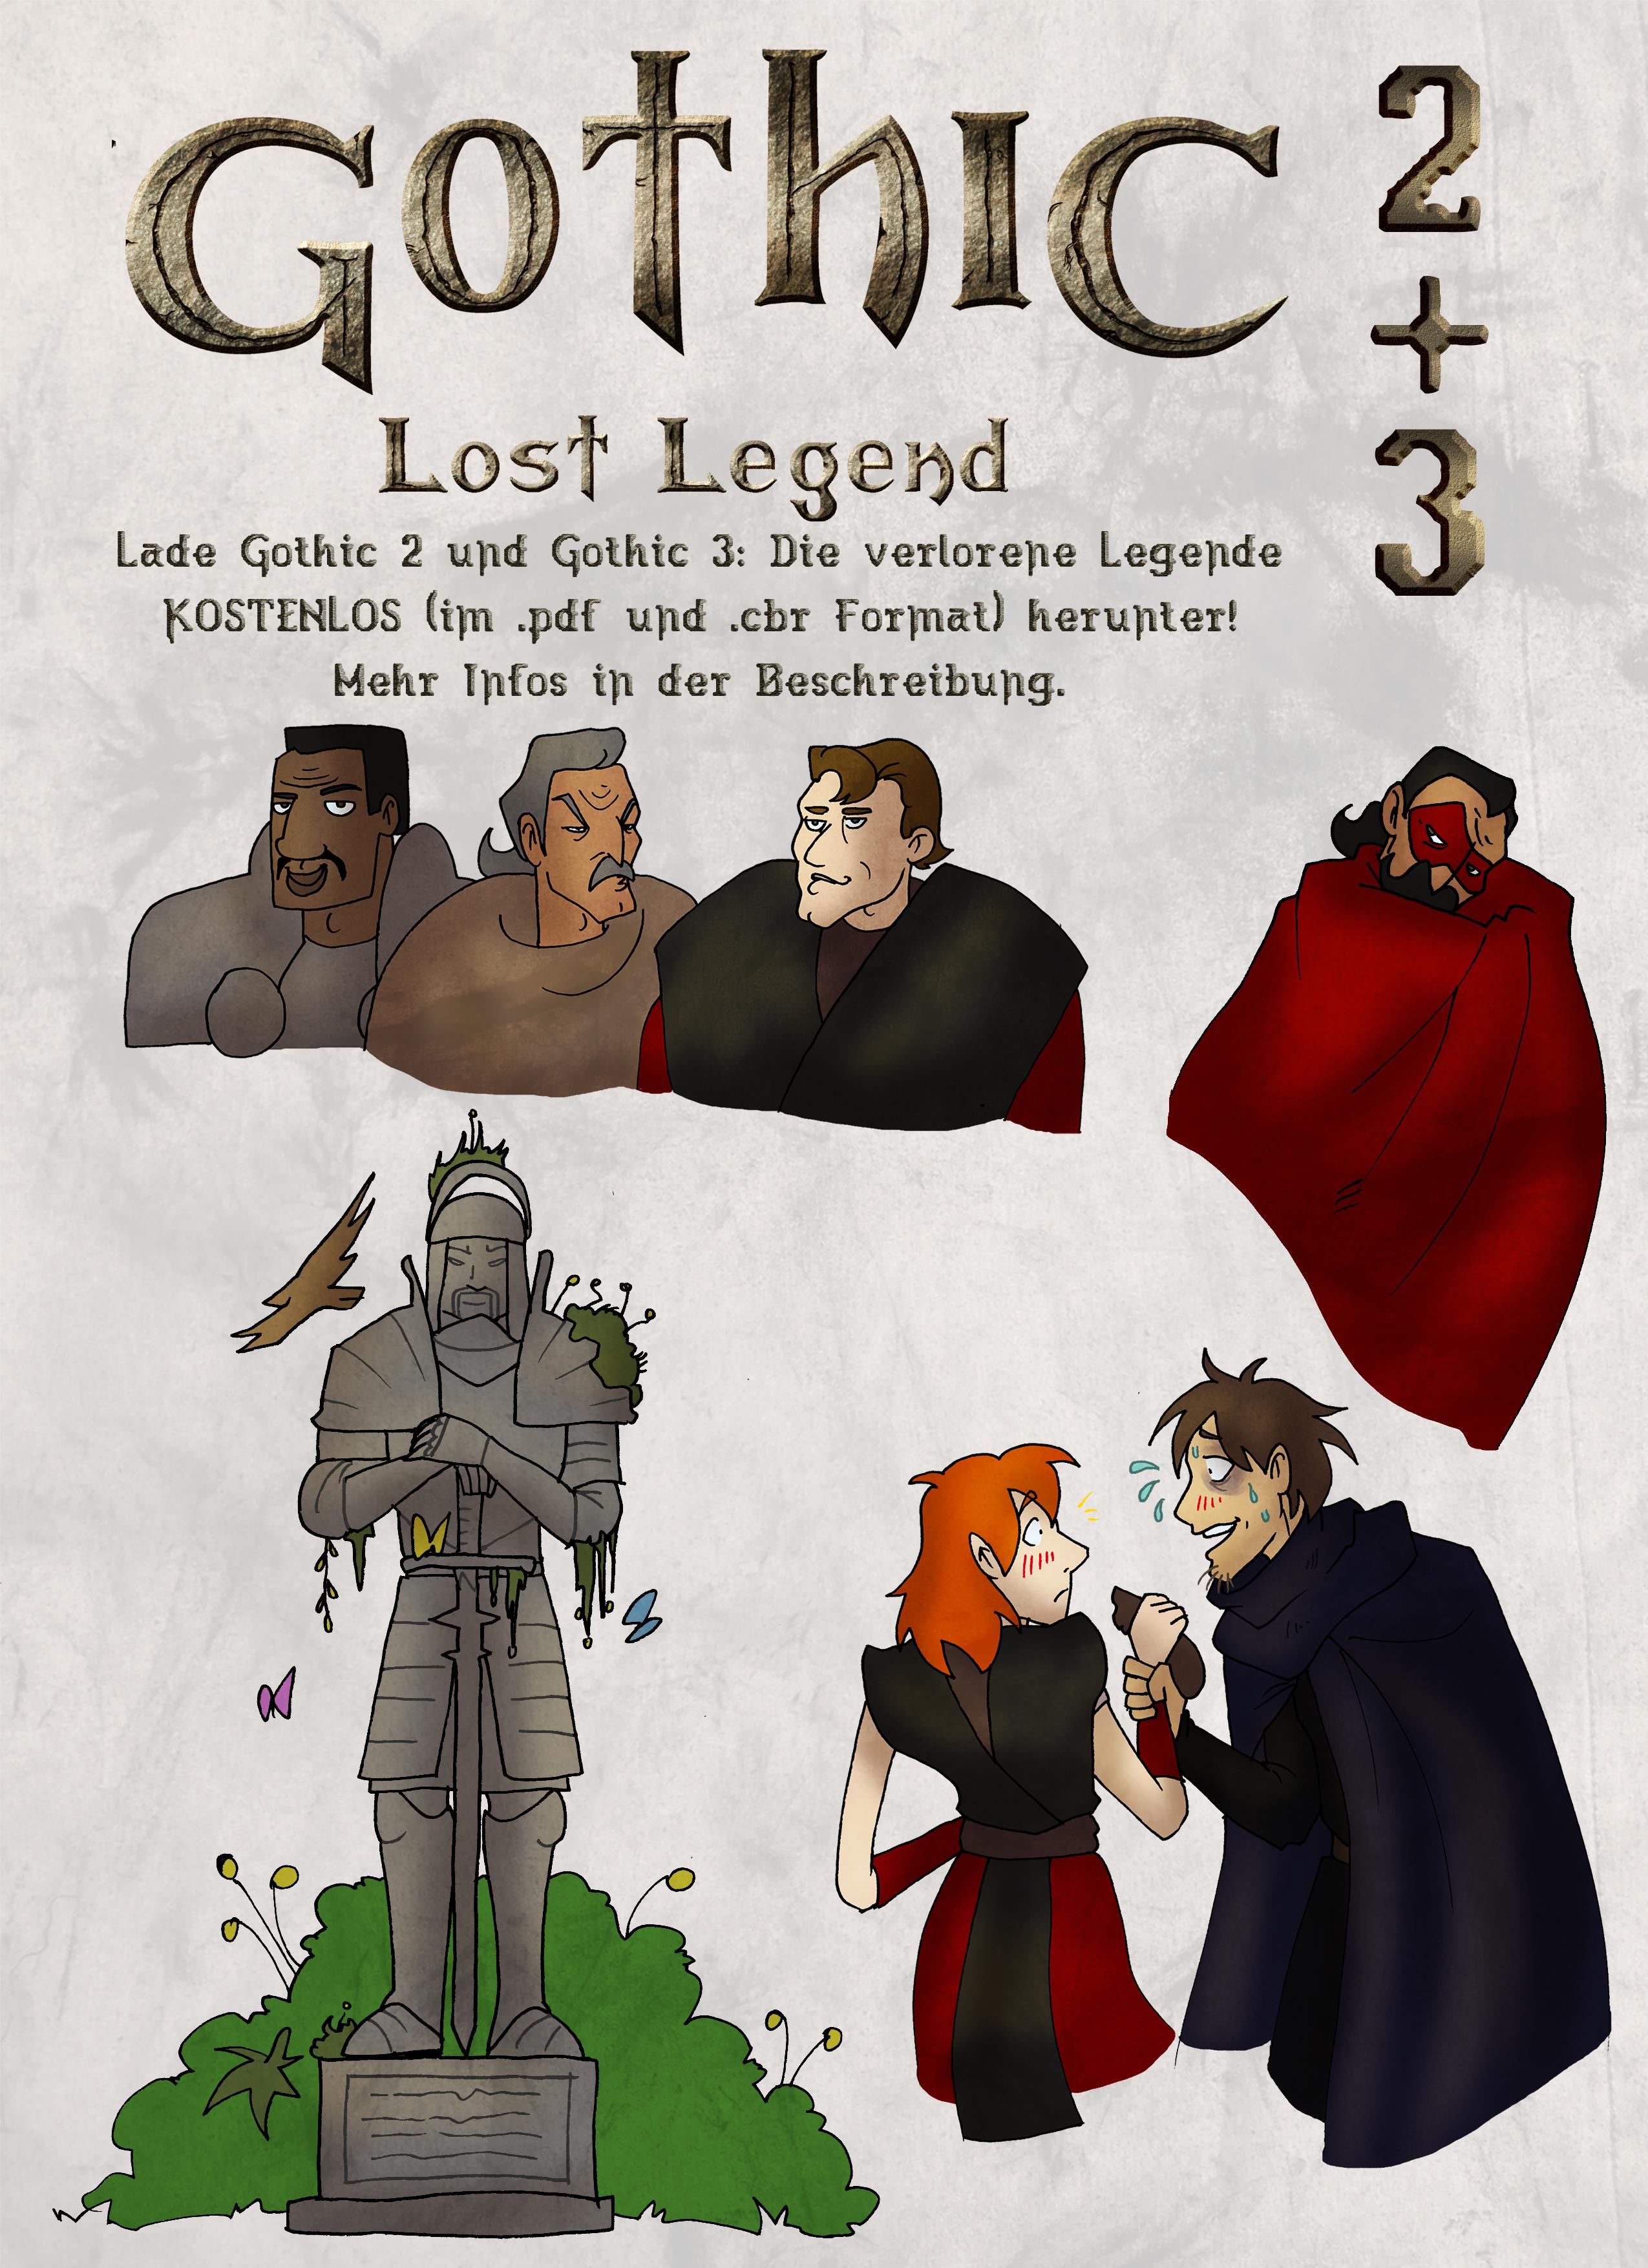 Gothic 2+3 Die verlorene Legende - ZIP by Coreyrn